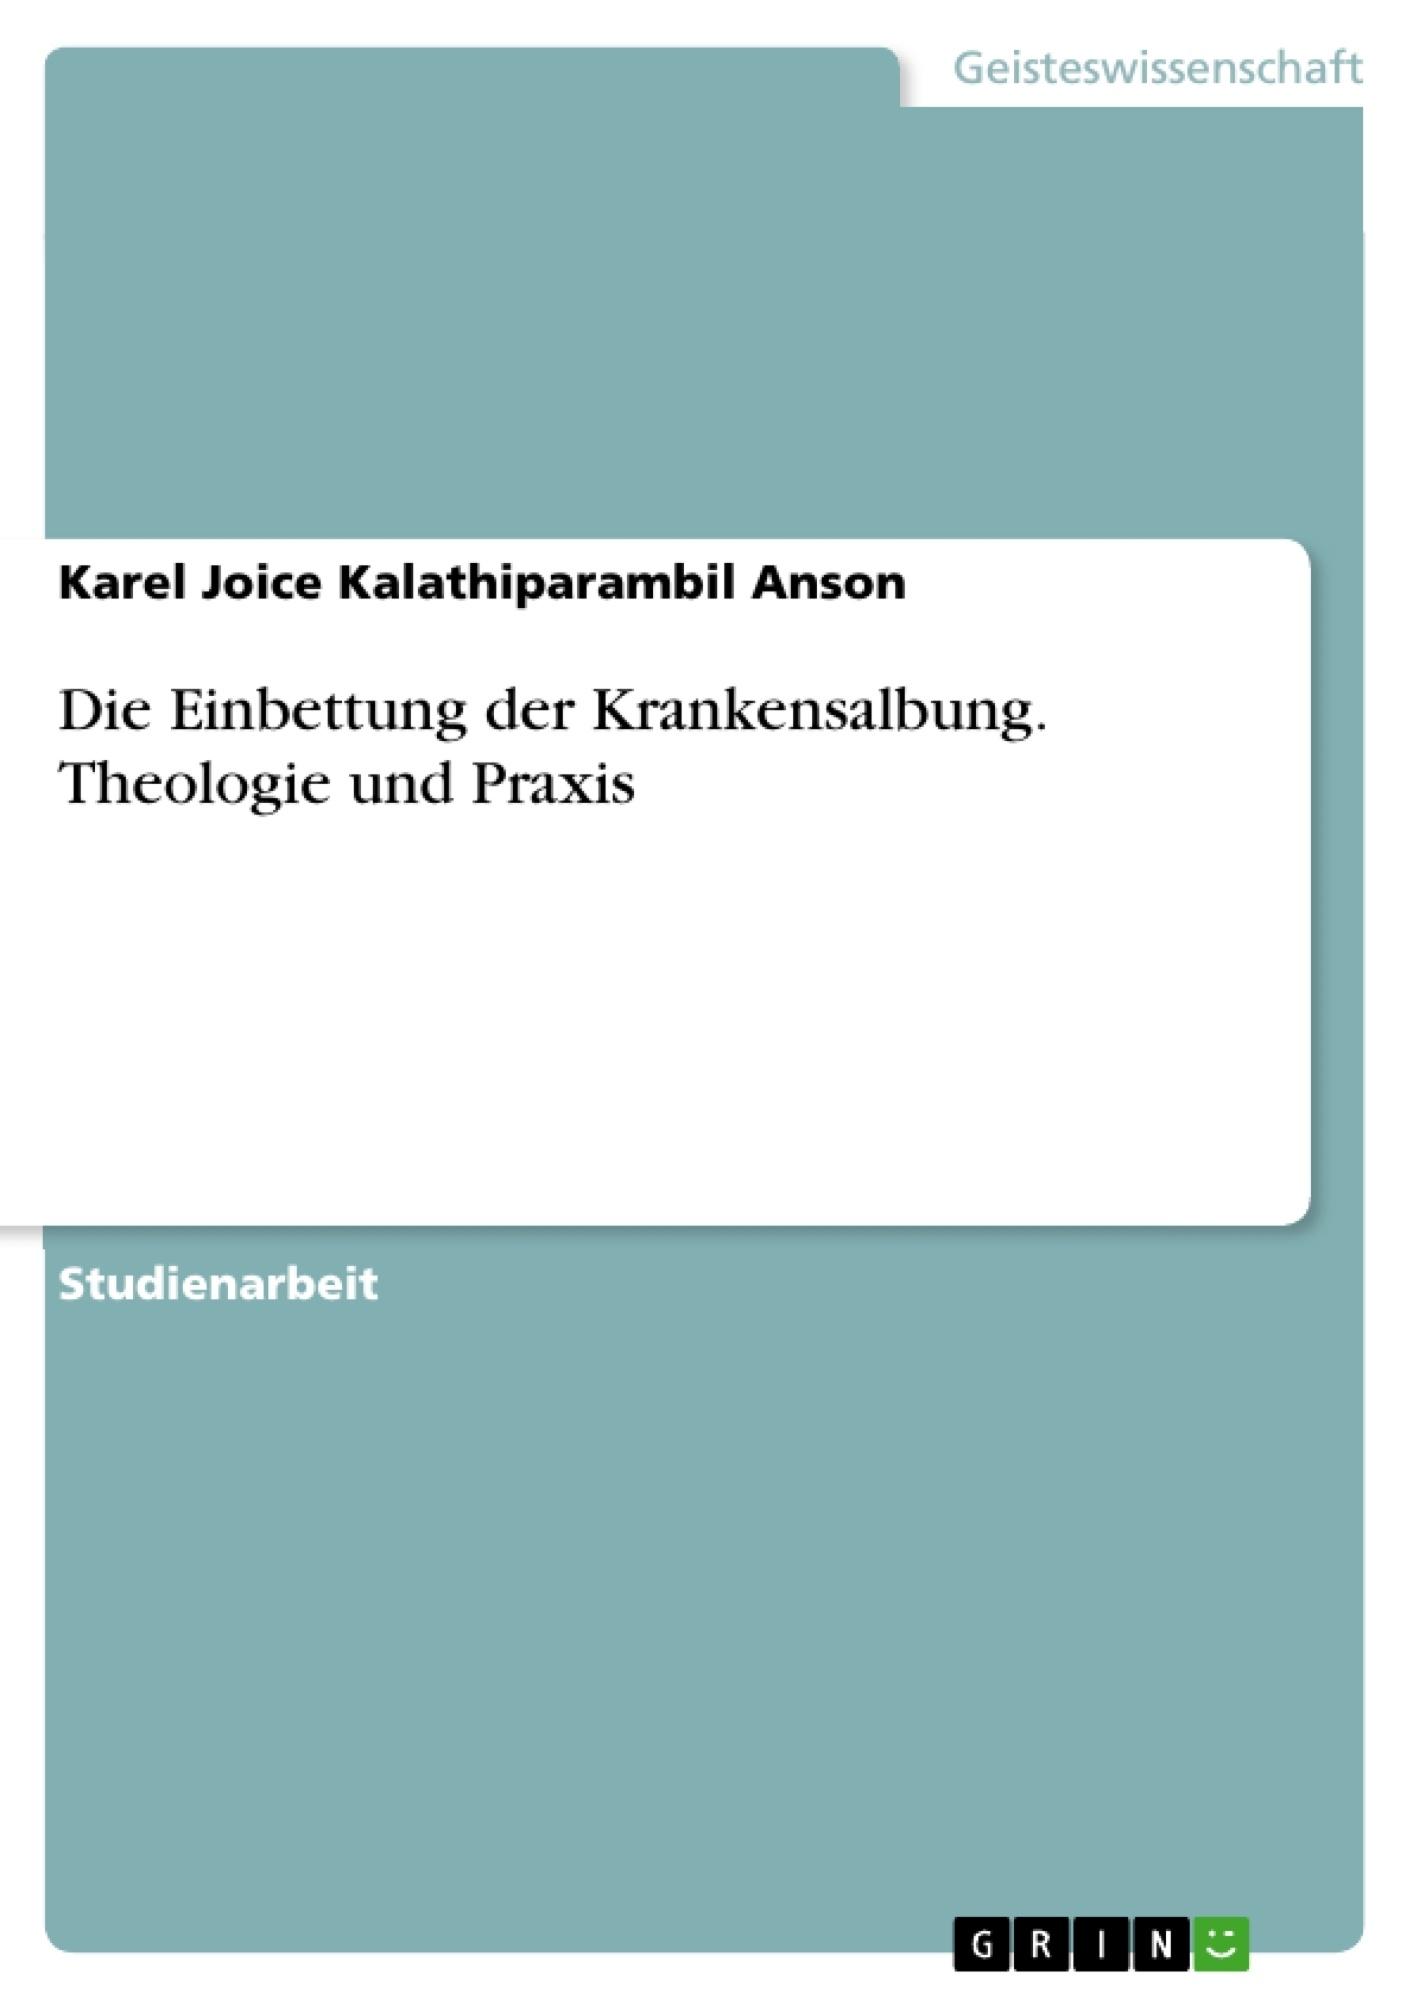 Titel: Die Einbettung der Krankensalbung. Theologie und Praxis